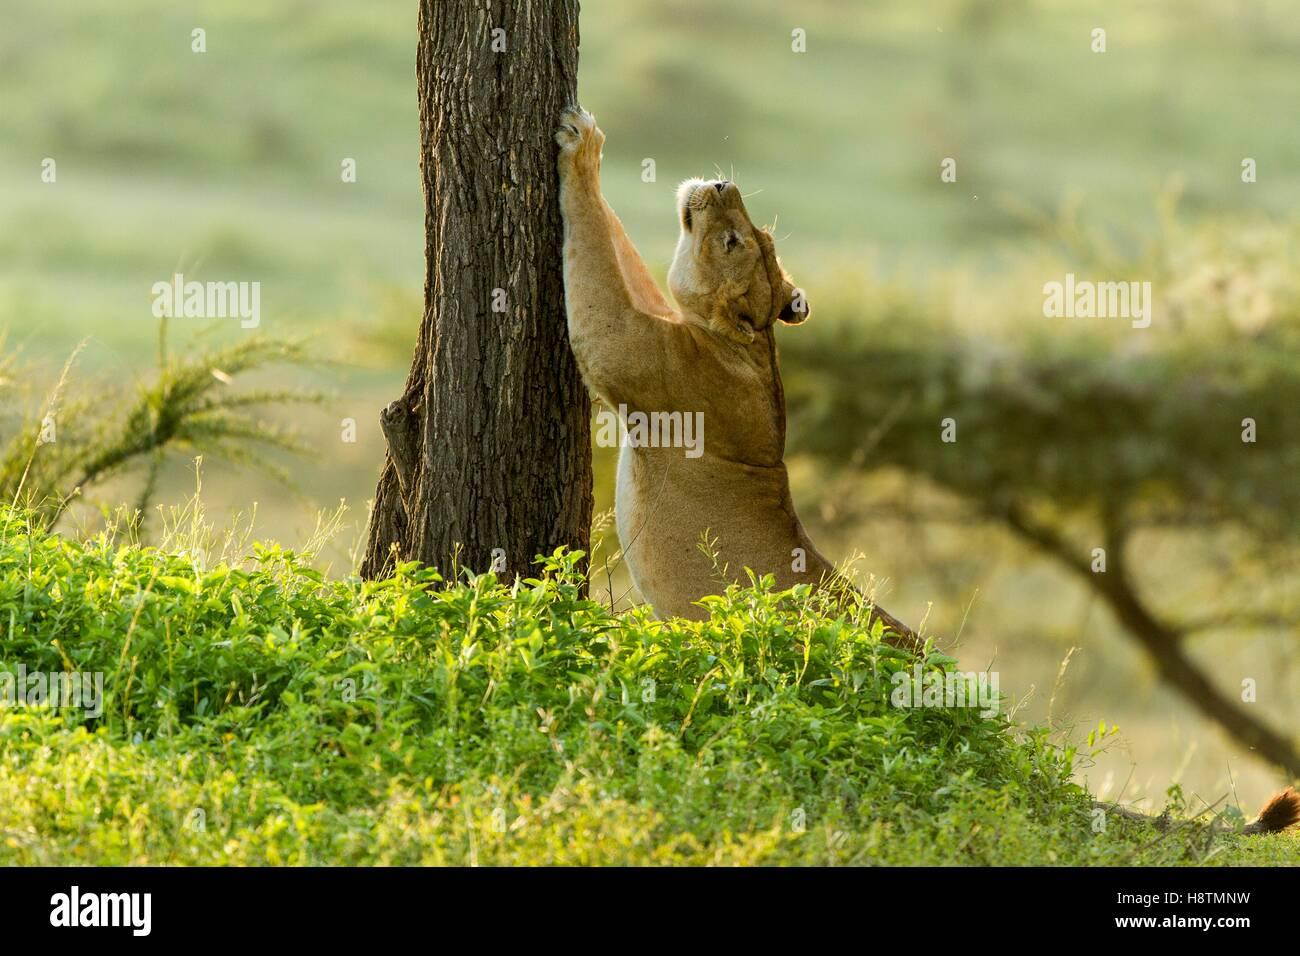 Tanzanie, Ngorongoro national park, Lion (Panthera leo), female - Stock Image